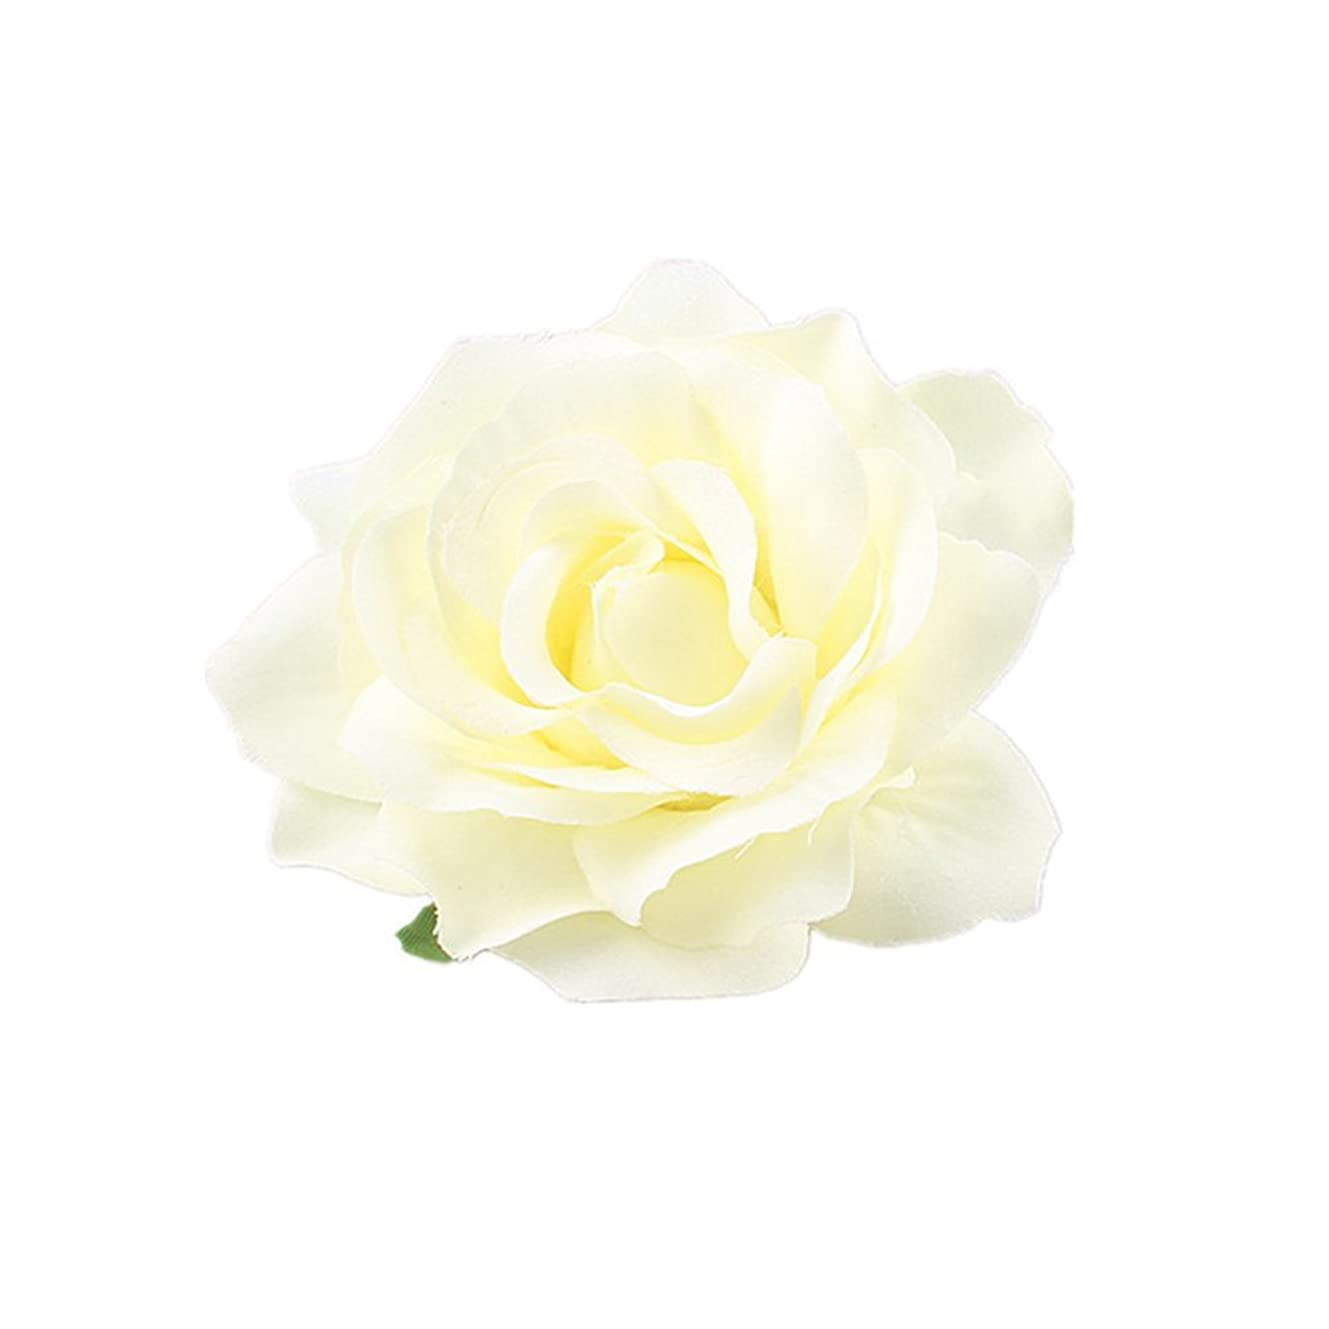 懇願する衣類したがってLurrose 女性の女の子のためのシミュレーションローズヘアクリップ結婚式の花嫁の花のヘアクリップ(クリーミーホワイト)